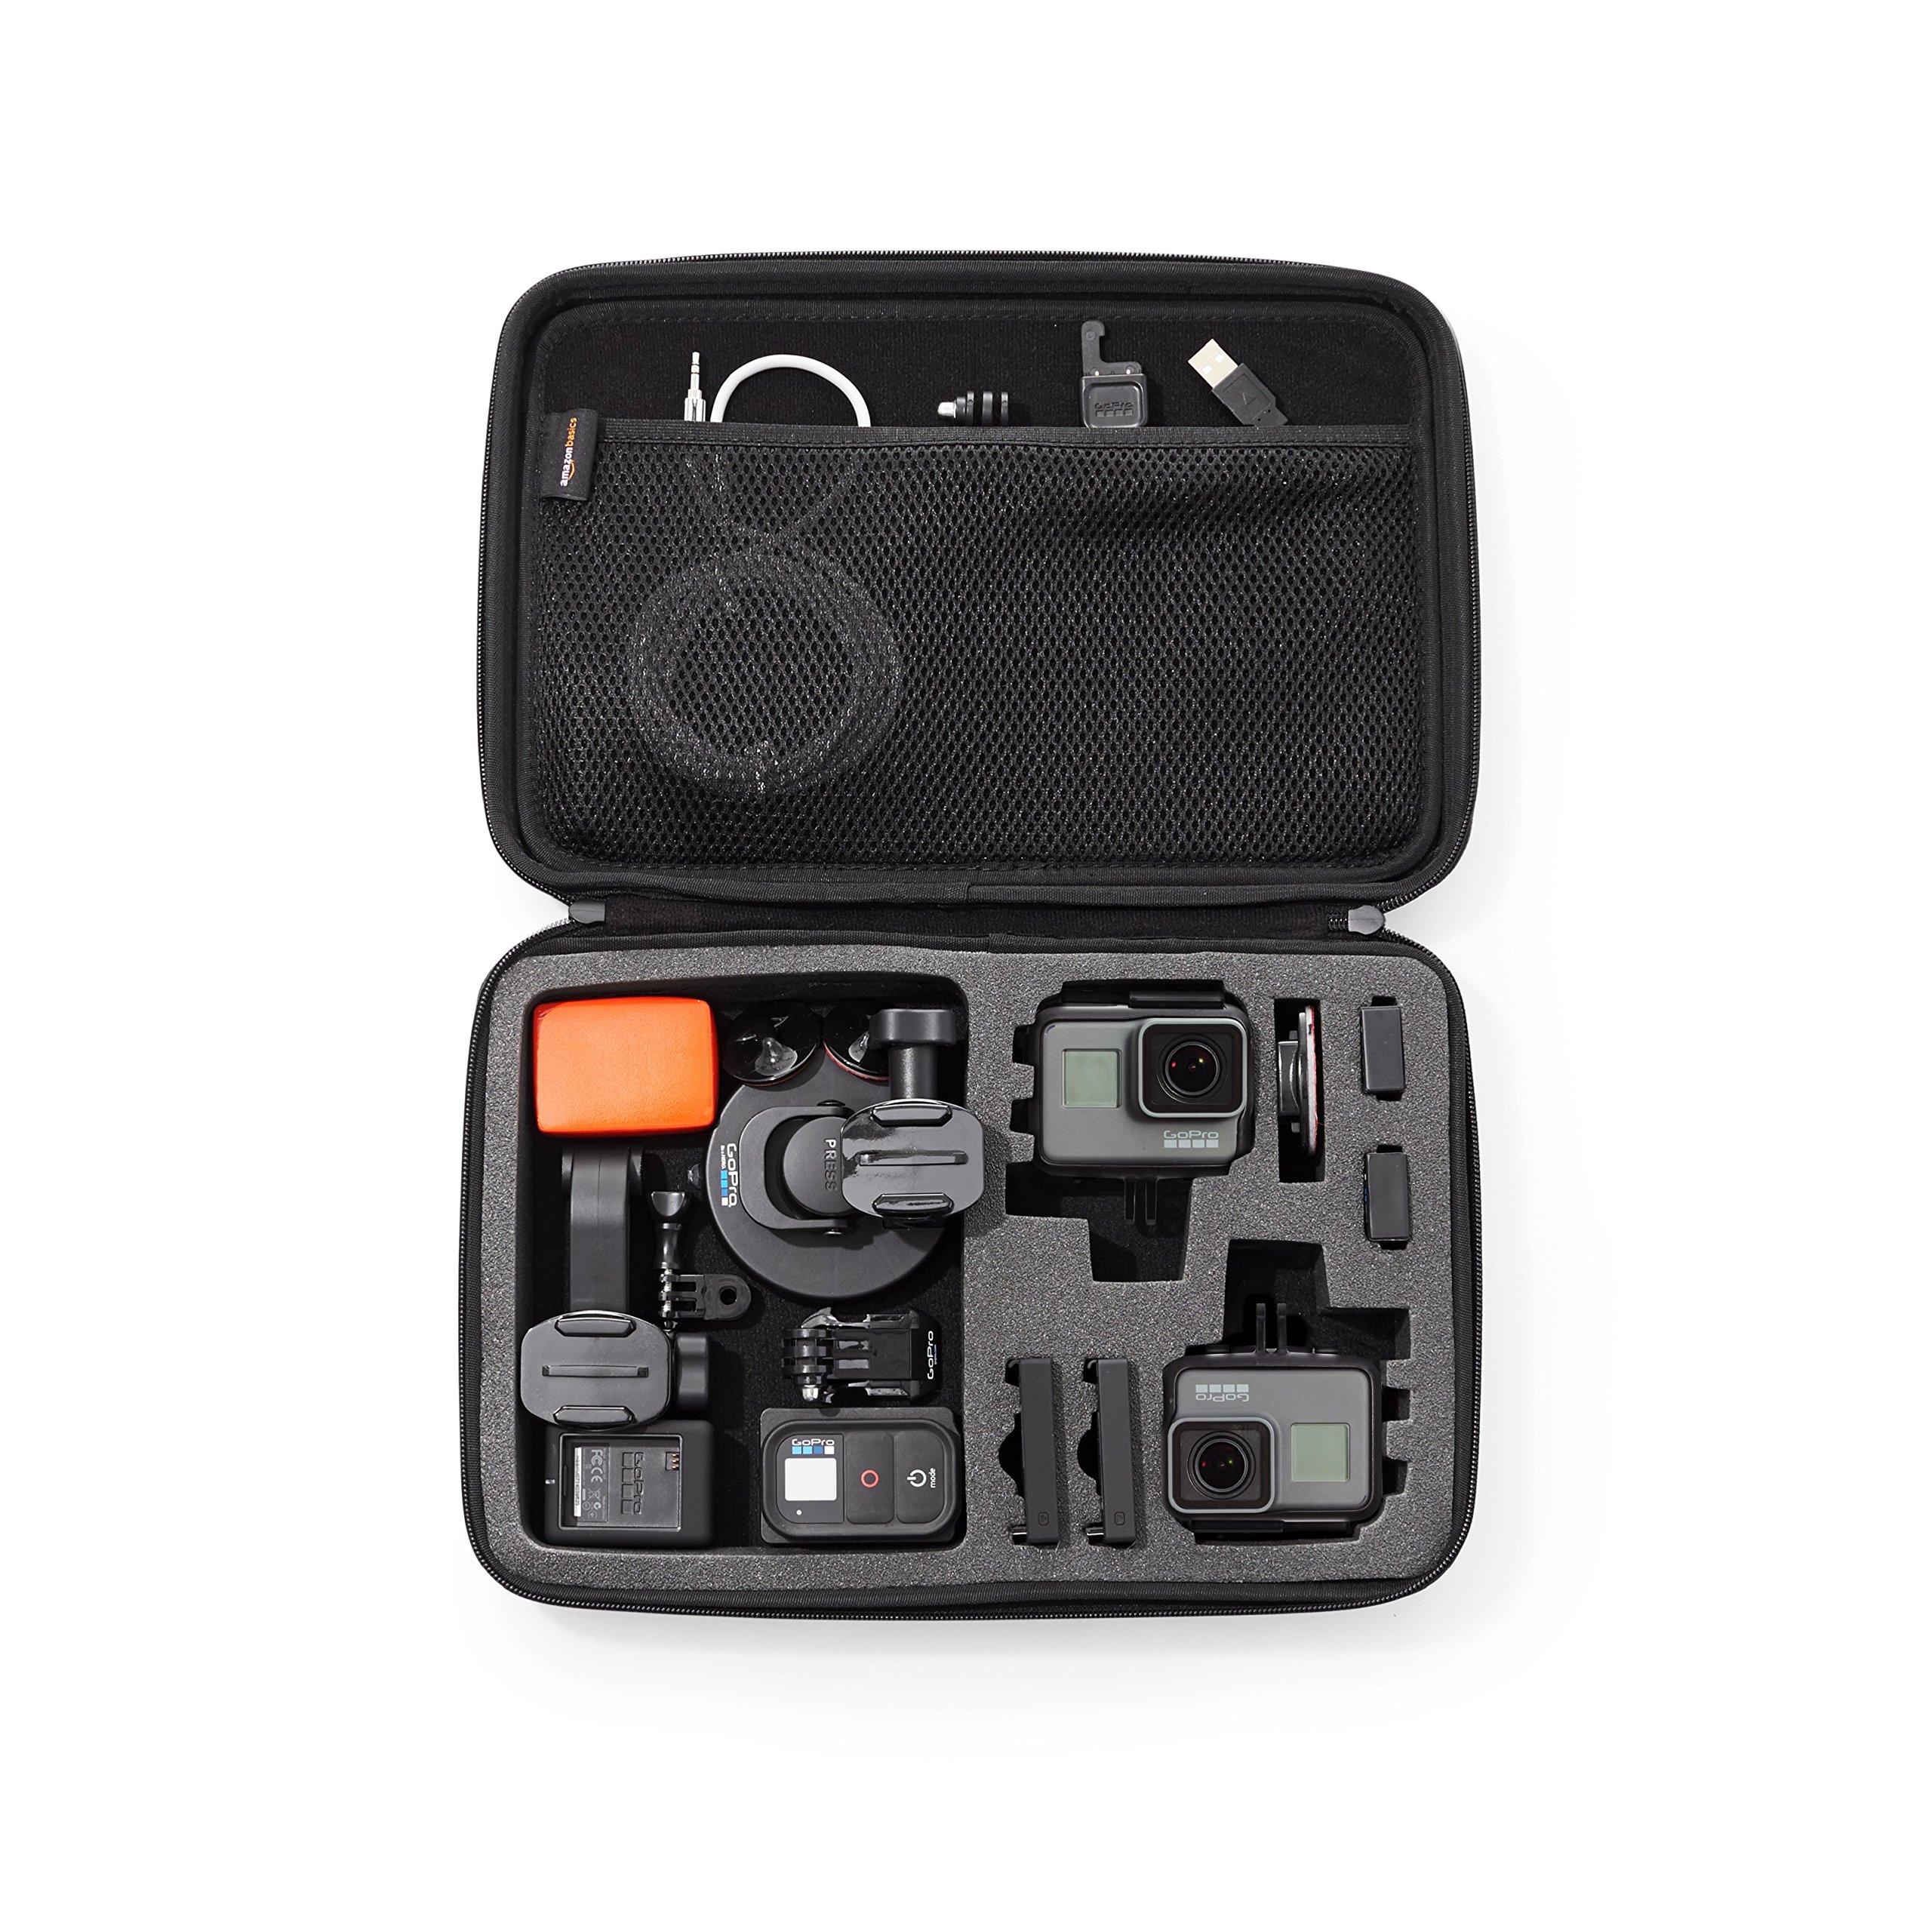 AmazonBasics Carrying Case for GoPro - Large by AmazonBasics